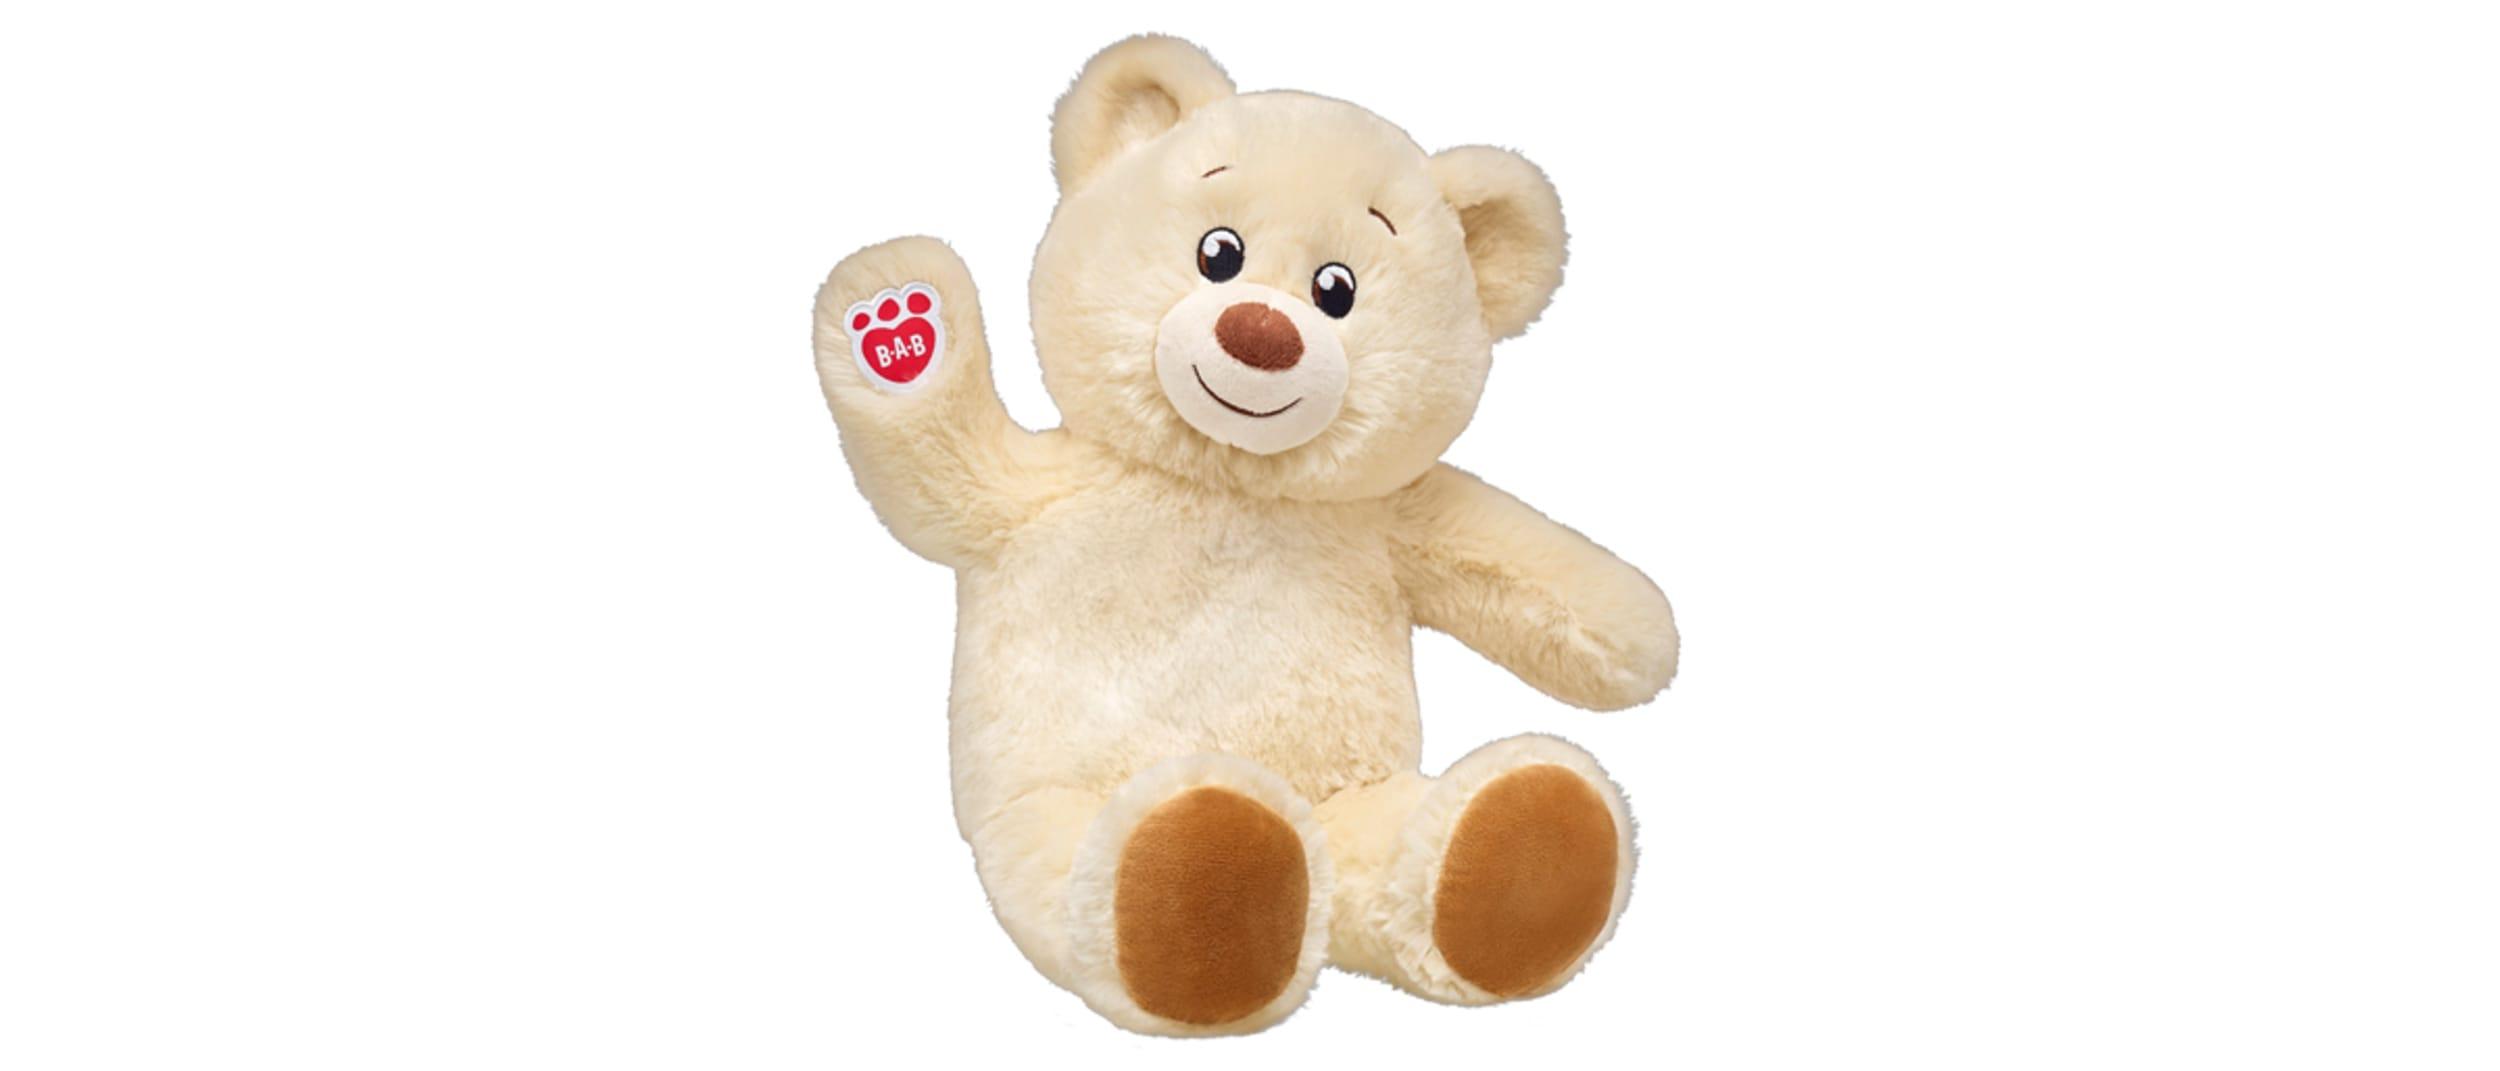 Build a Bear: Bushfire fundraising